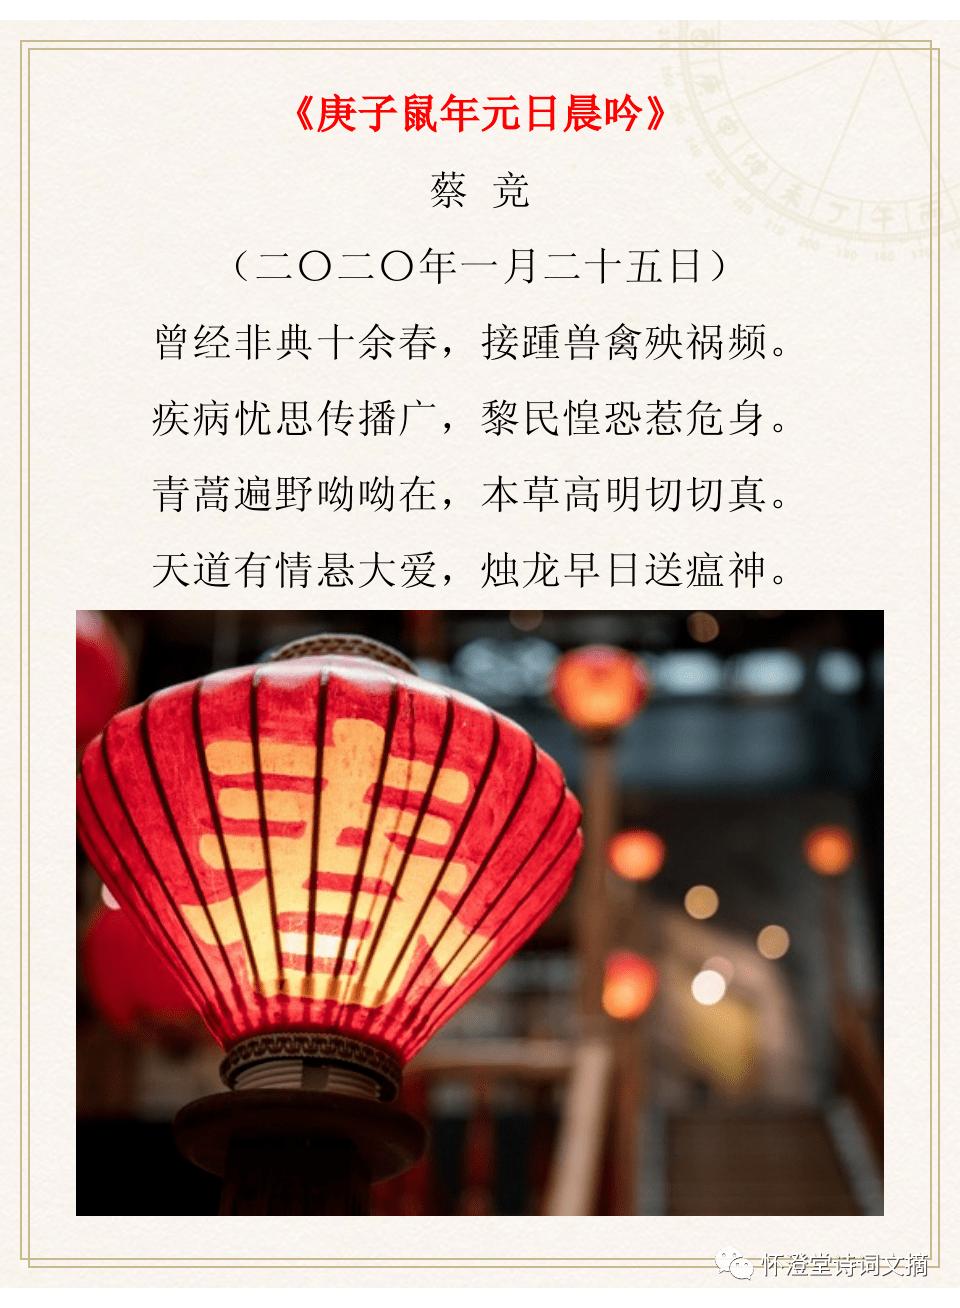 棋牌21点下载-官方游戏大厅